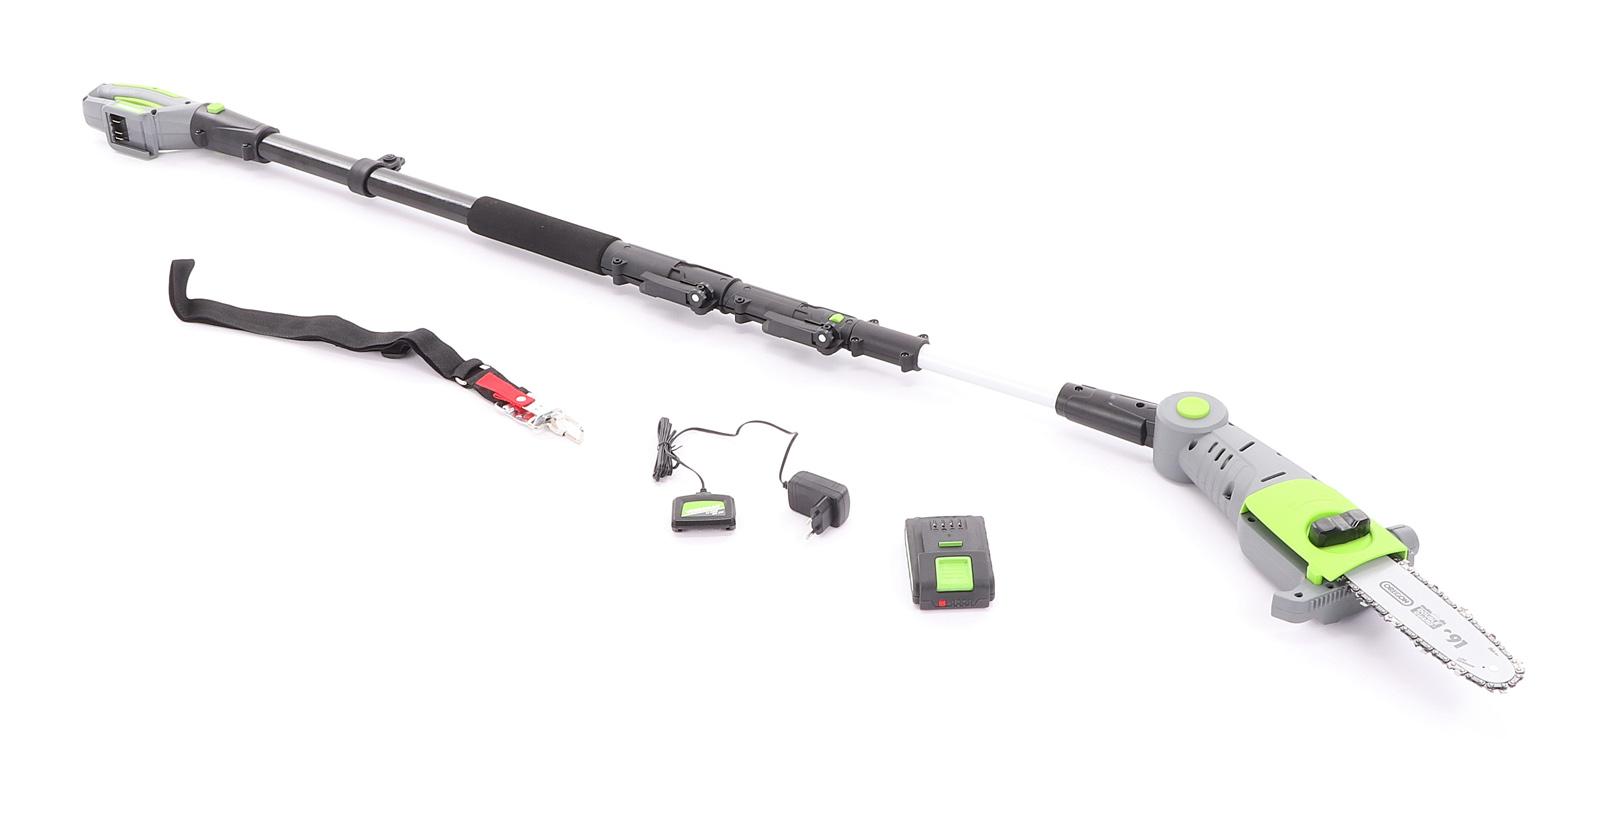 VERDEMAX PT20 akumulátorová vyvětvovací pila (včetně nabíječky a akumulátoru 2 Ah)